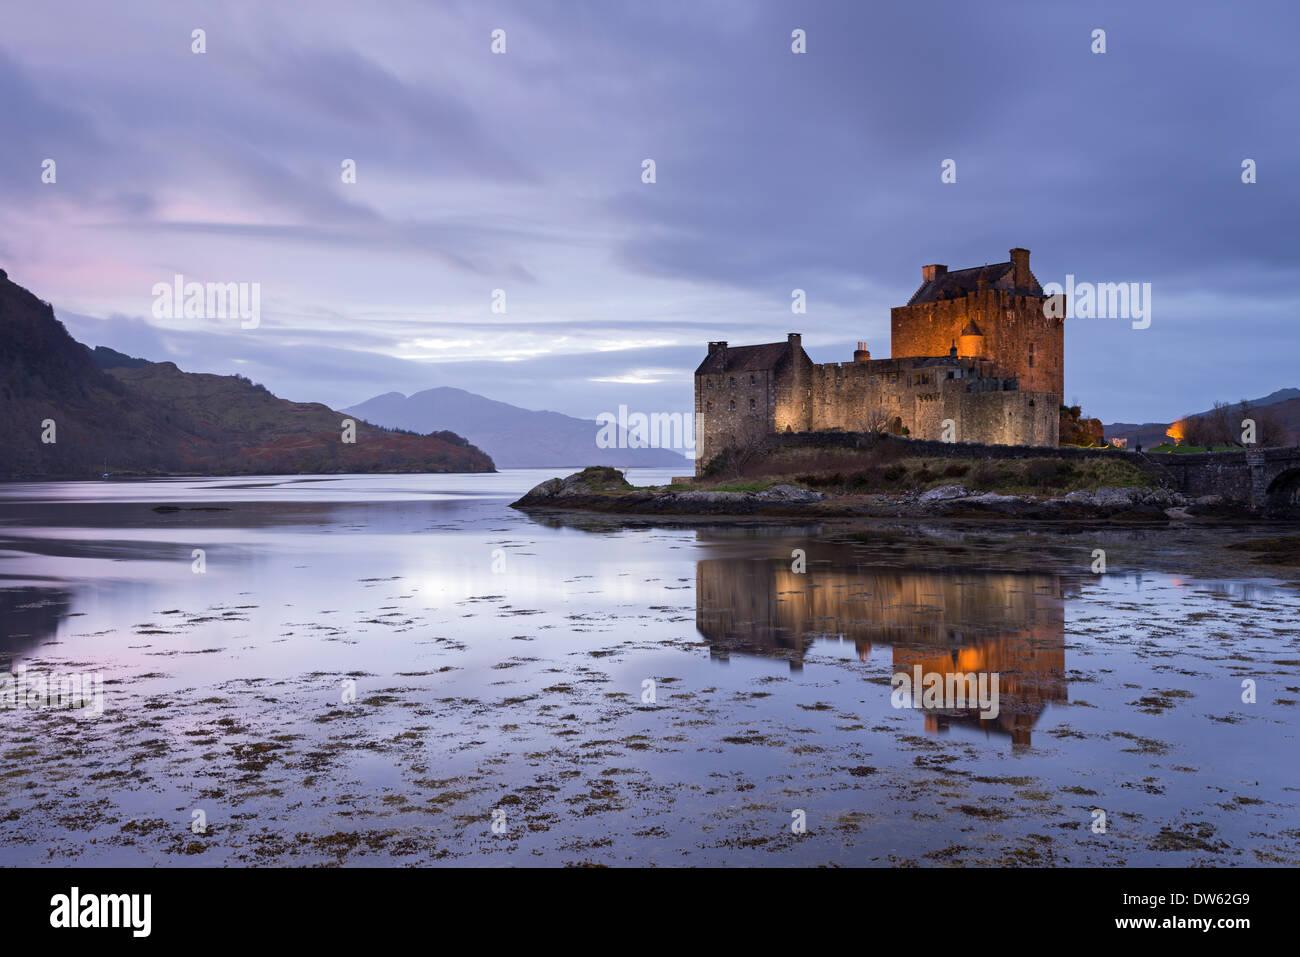 Le crépuscule sur le château d'Eilean Donan sur Loch Duich, Dornie, en Écosse. L'hiver (novembre) 2013. Photo Stock